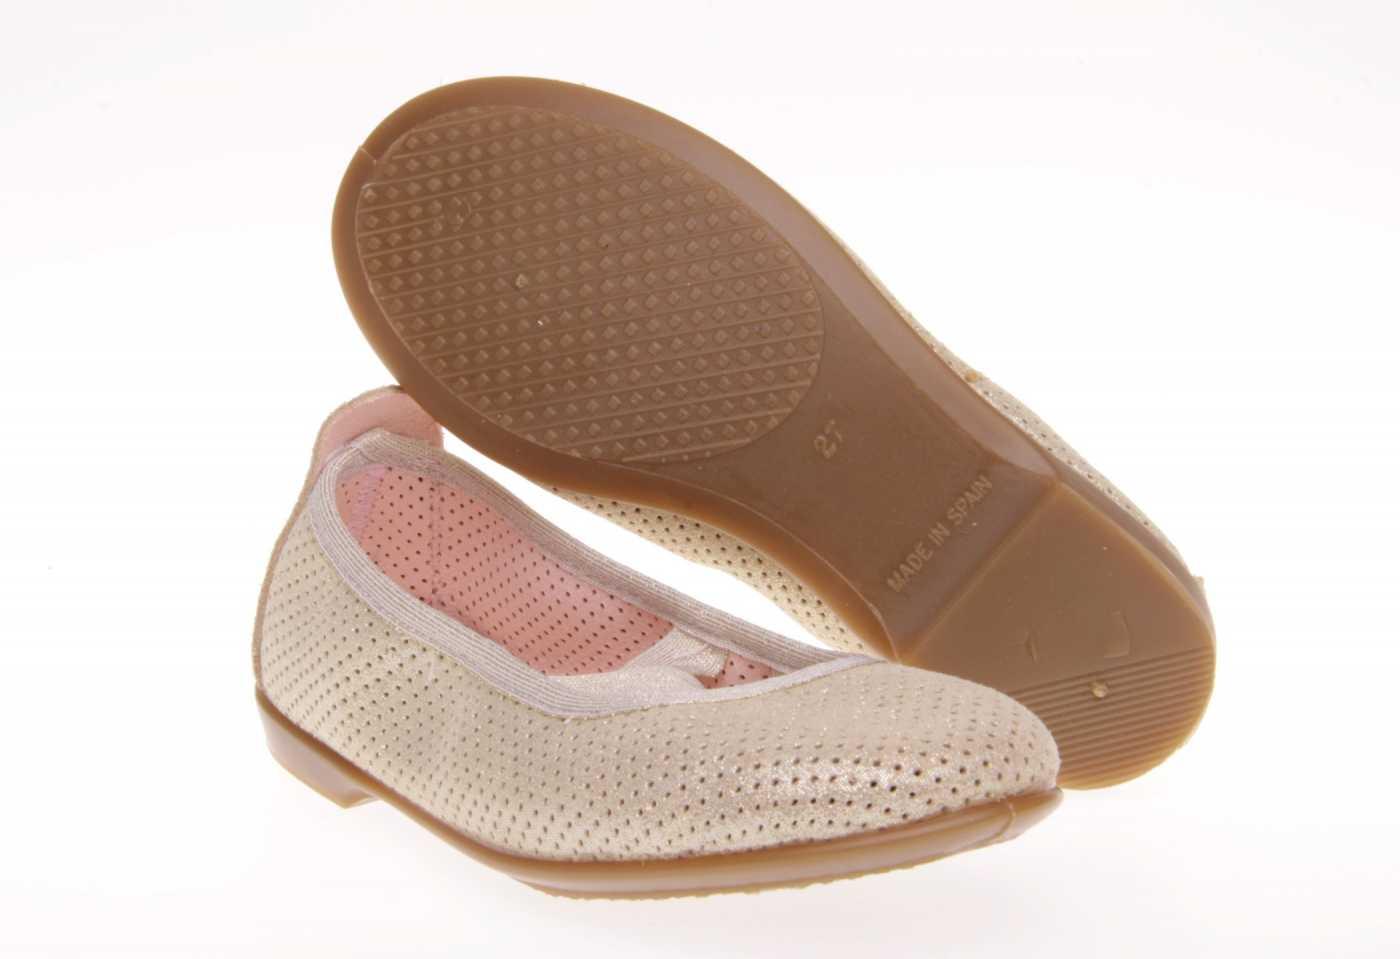 8d7932f99 Comprar zapato tipo JOVEN NIÑA estilo MANOLETINAS COLOR ORO PIEL ...